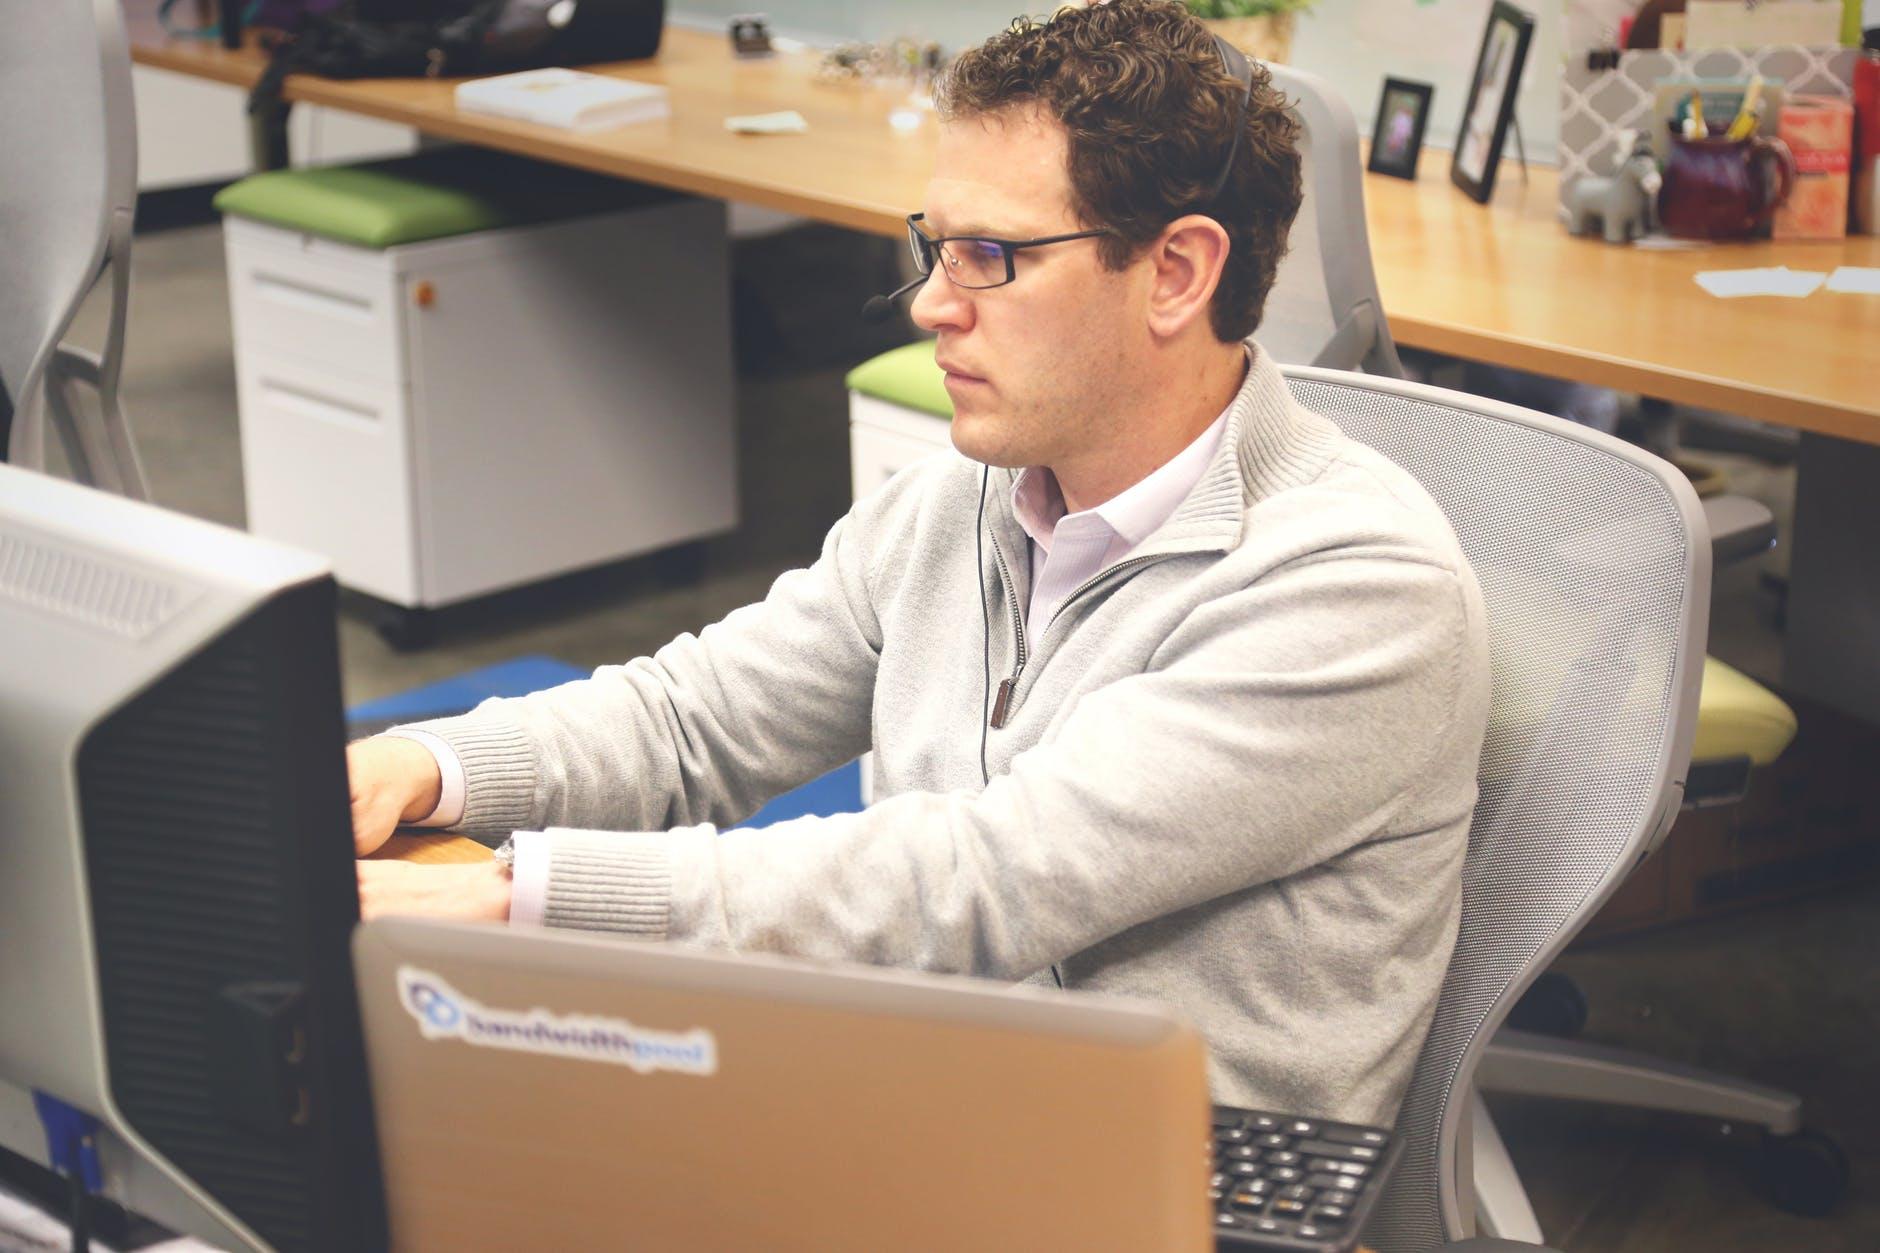 desk-office-workspace-coworking.jpg